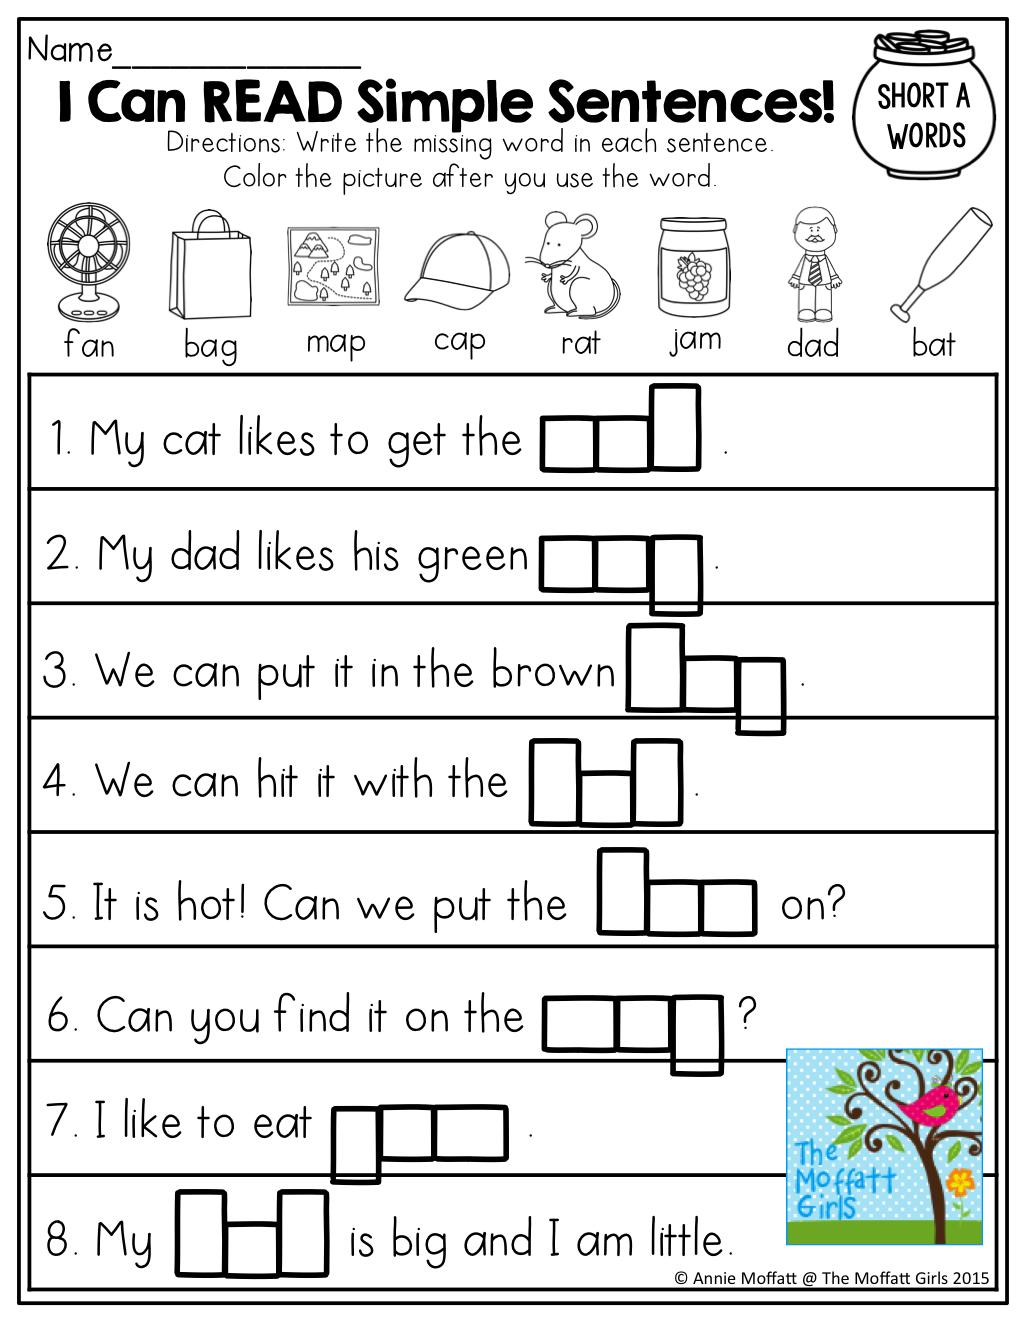 Simple Sentence Worksheet Gallery